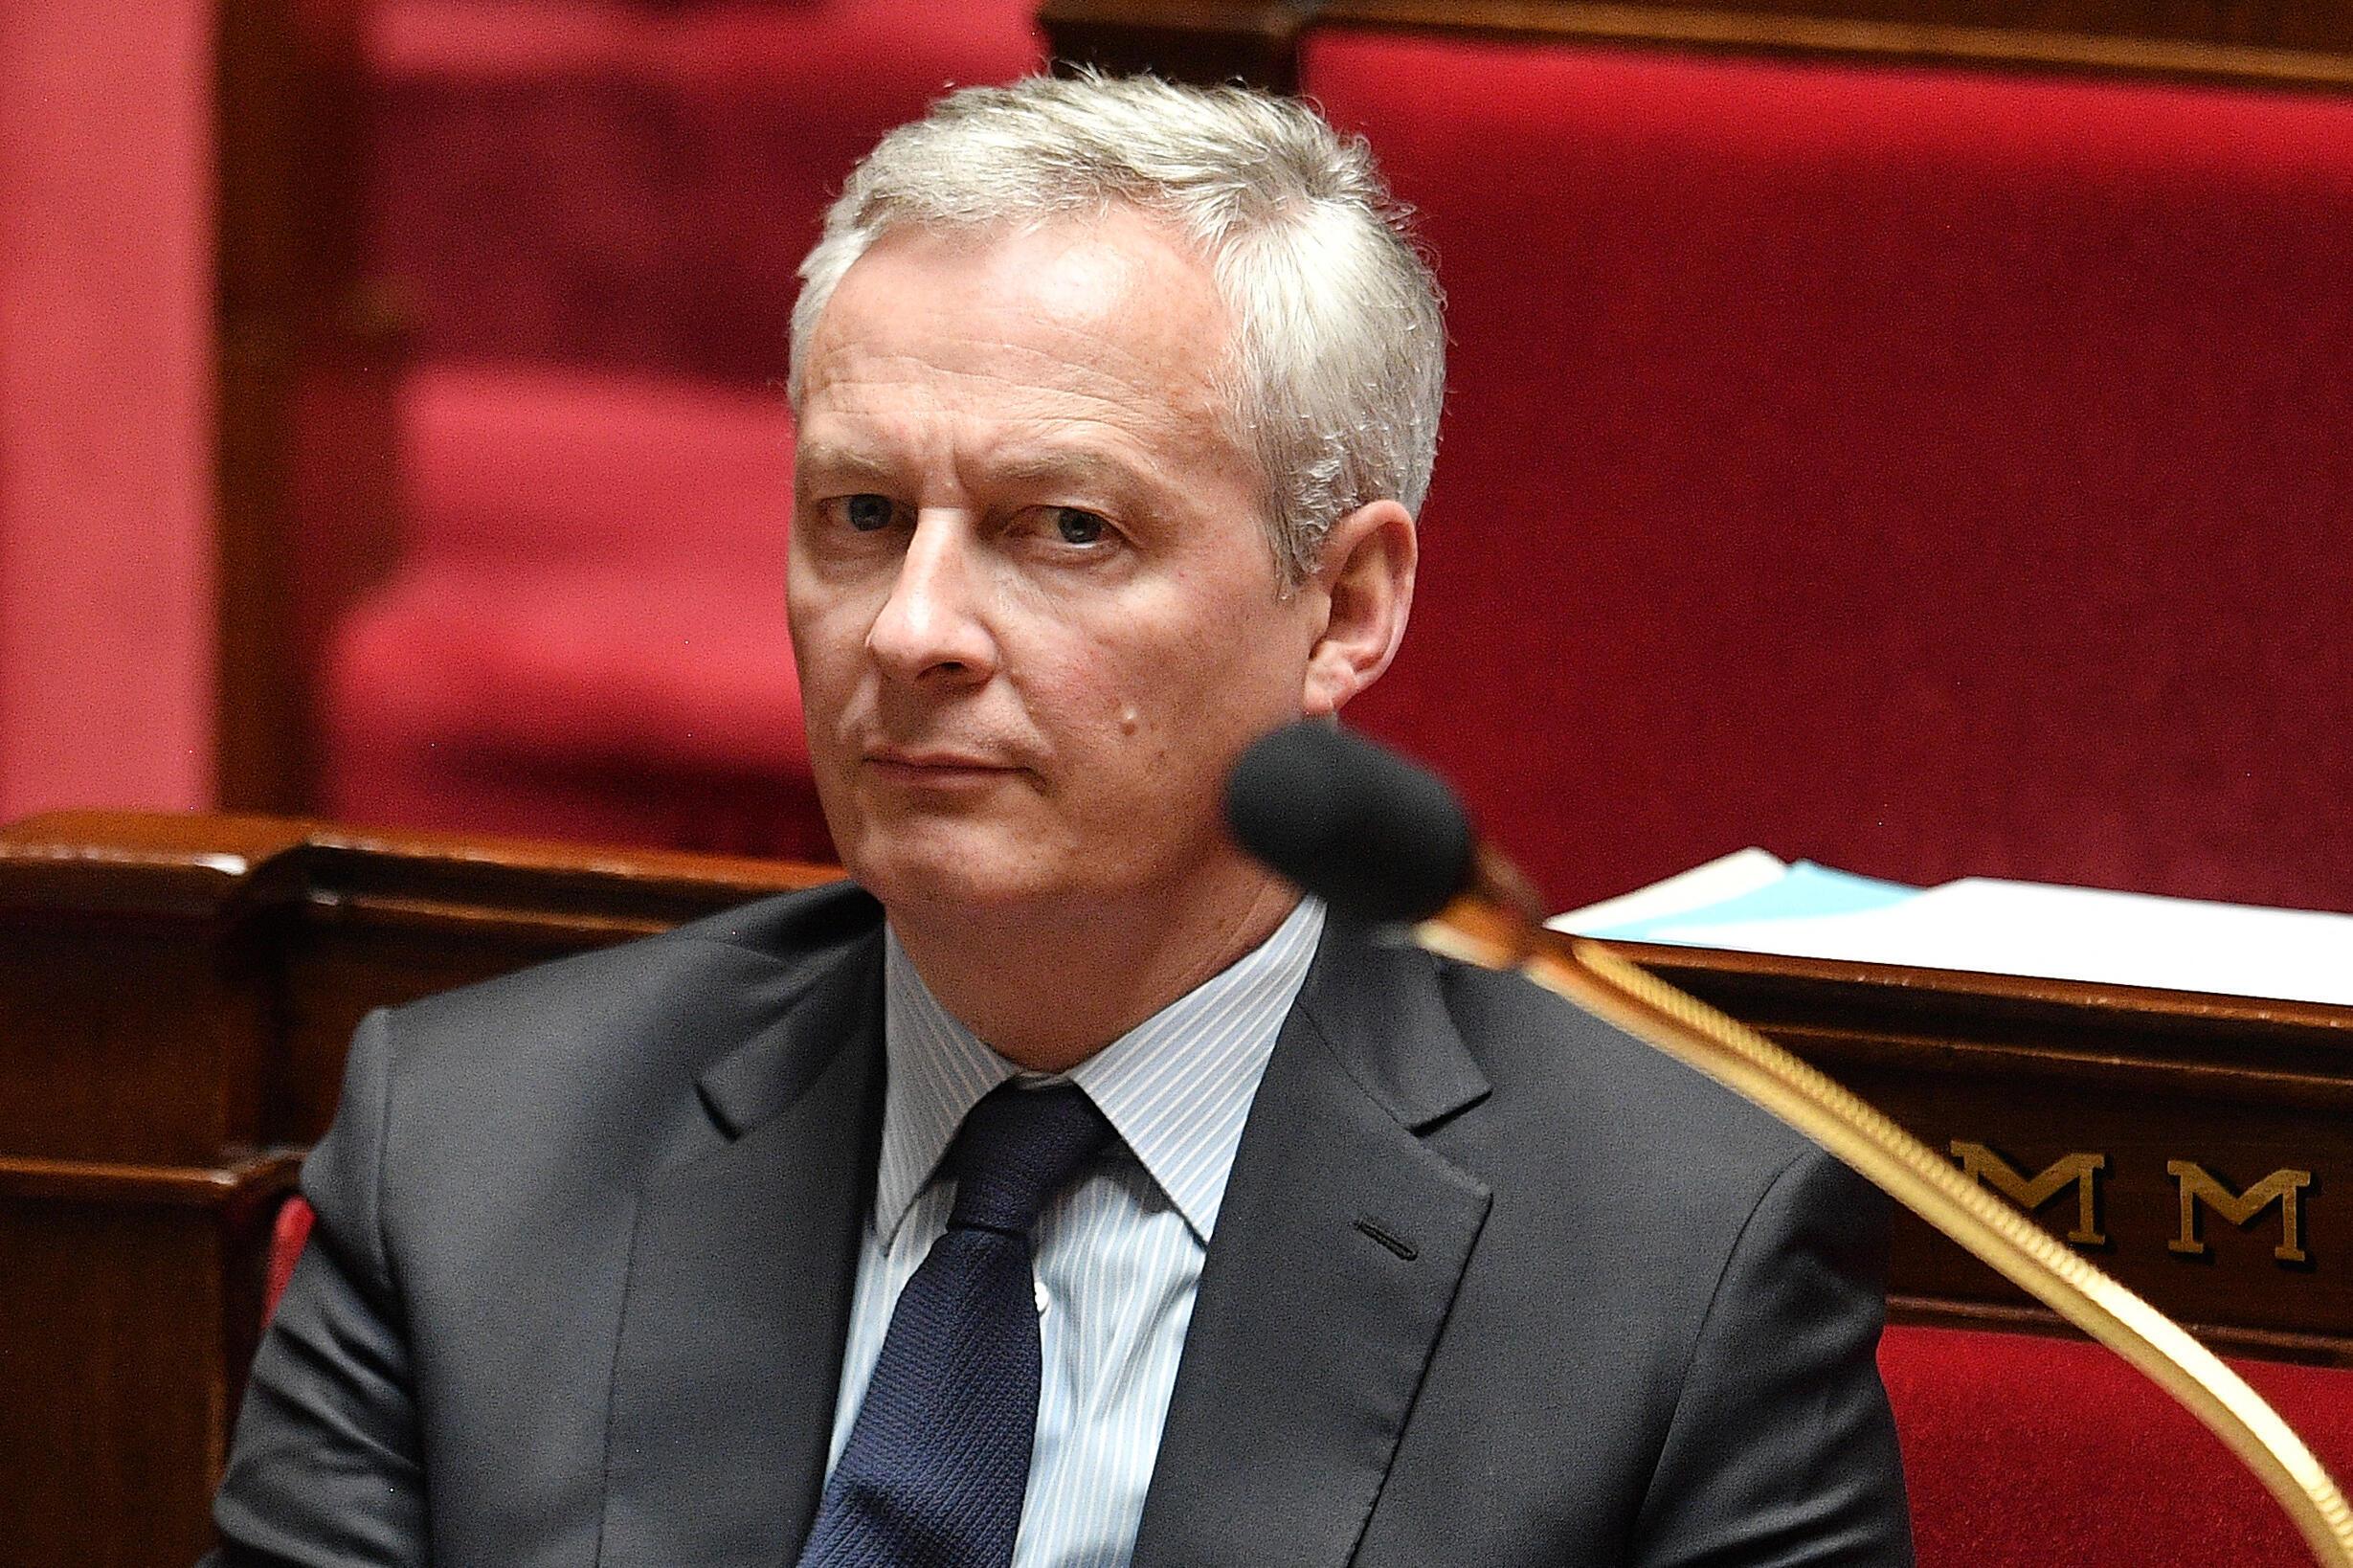 Bruno Le Maire asiste a la sesión parlamentaria en que el primer ministro francés, Edouard Philippe, presentó el plan gubernamental para el fin del confinamiento, el 28 de abril de 2020 en París